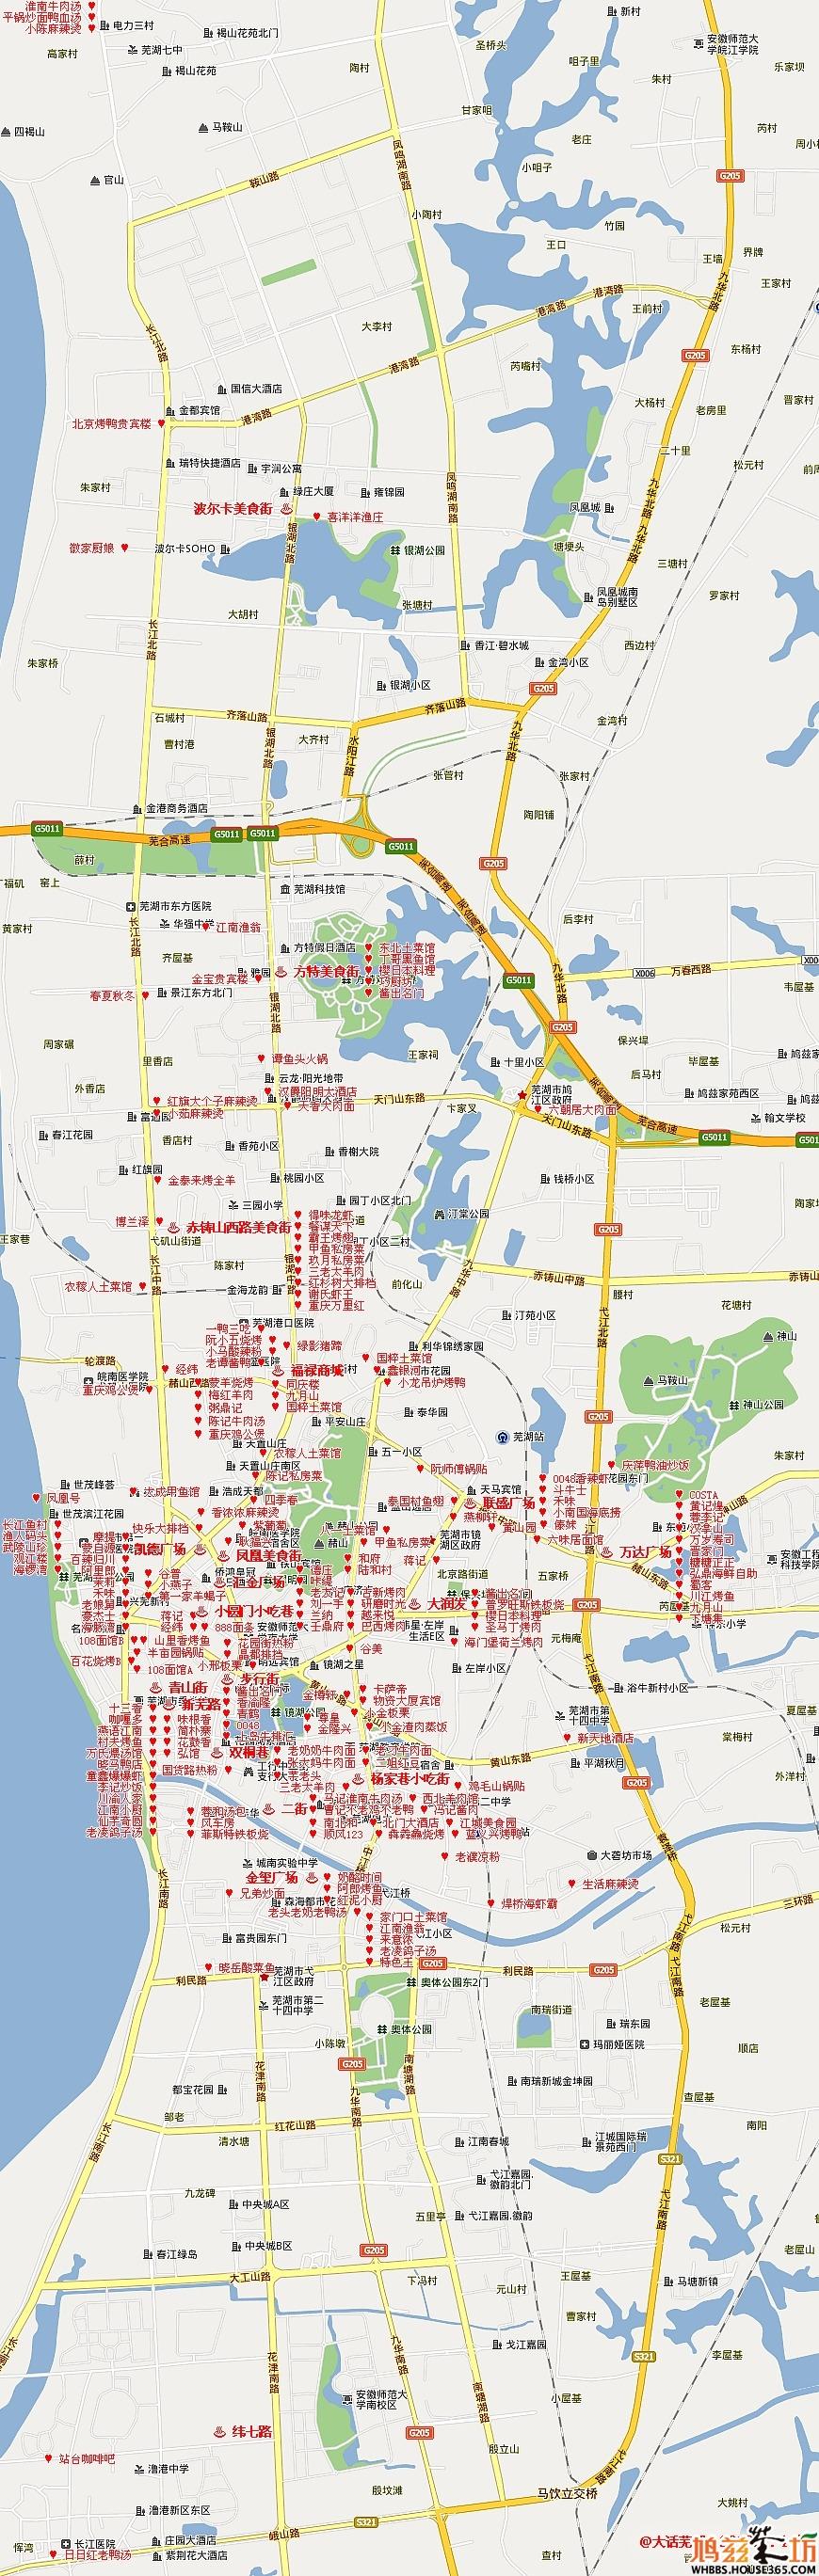 芜湖地图银湖北路 安徽芜湖无为县地图